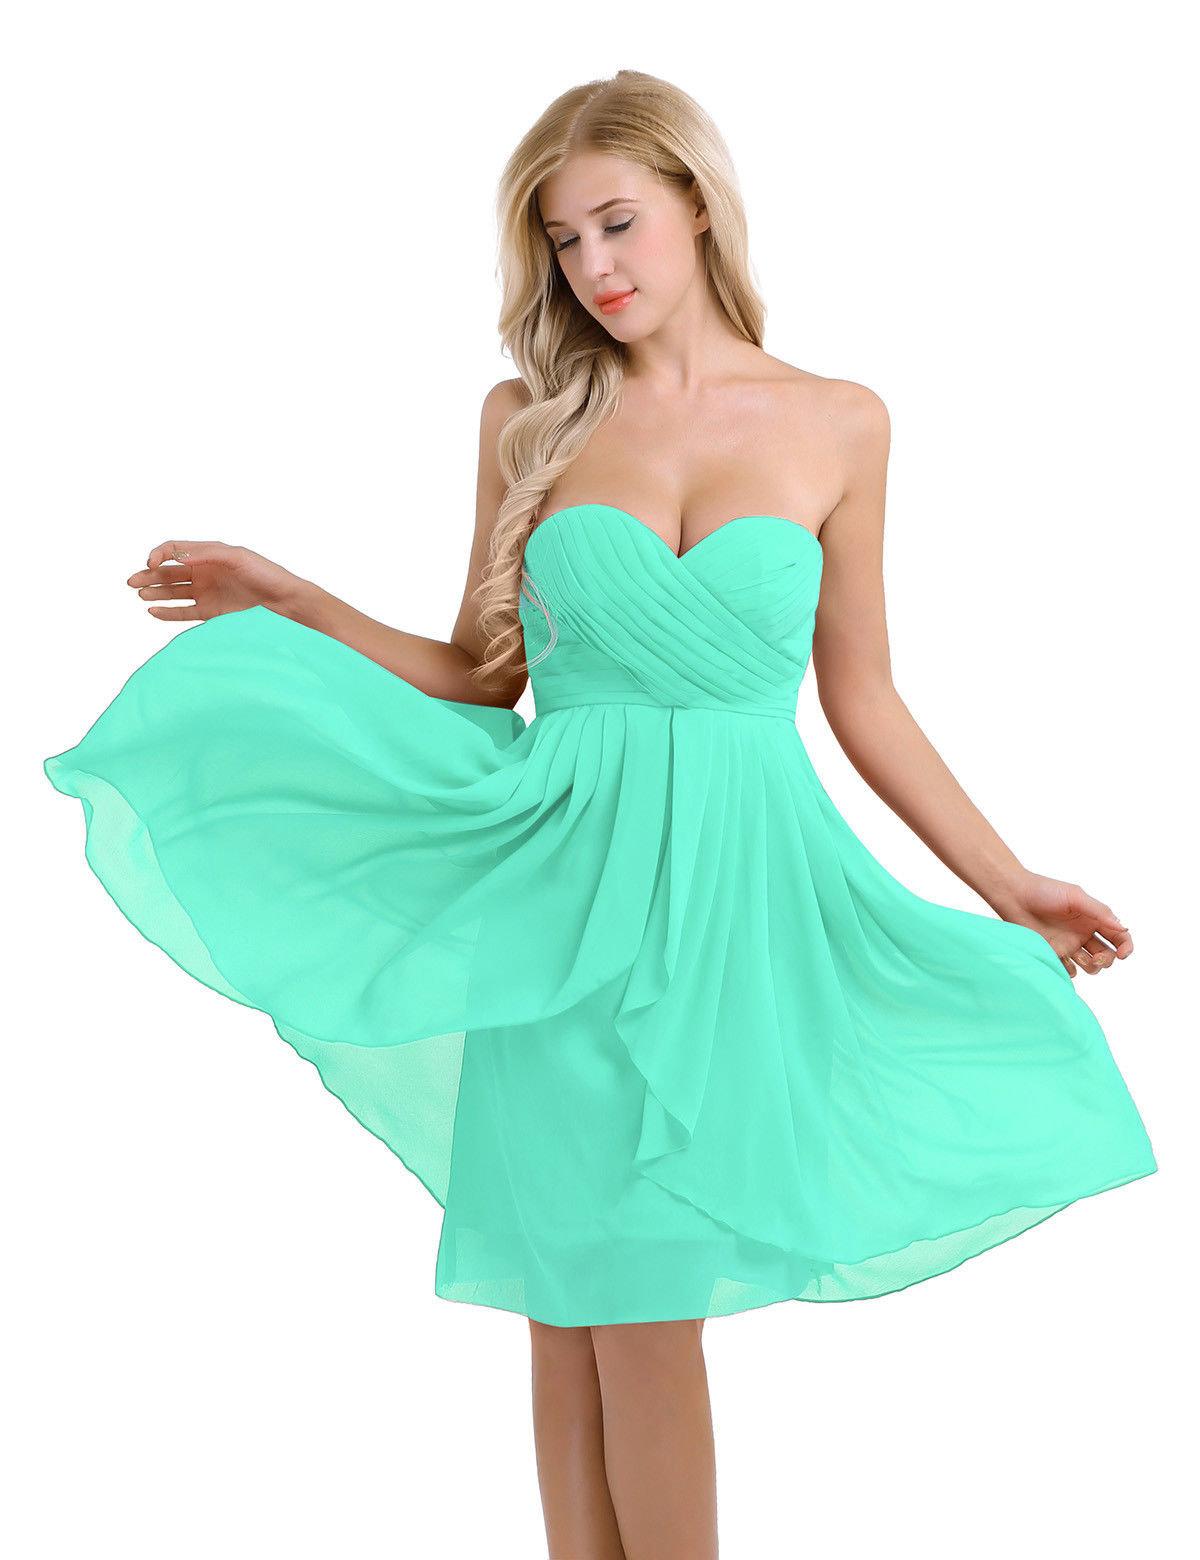 сервисе картинки красивые платья бирюзового цвета прислушалась воле родителей